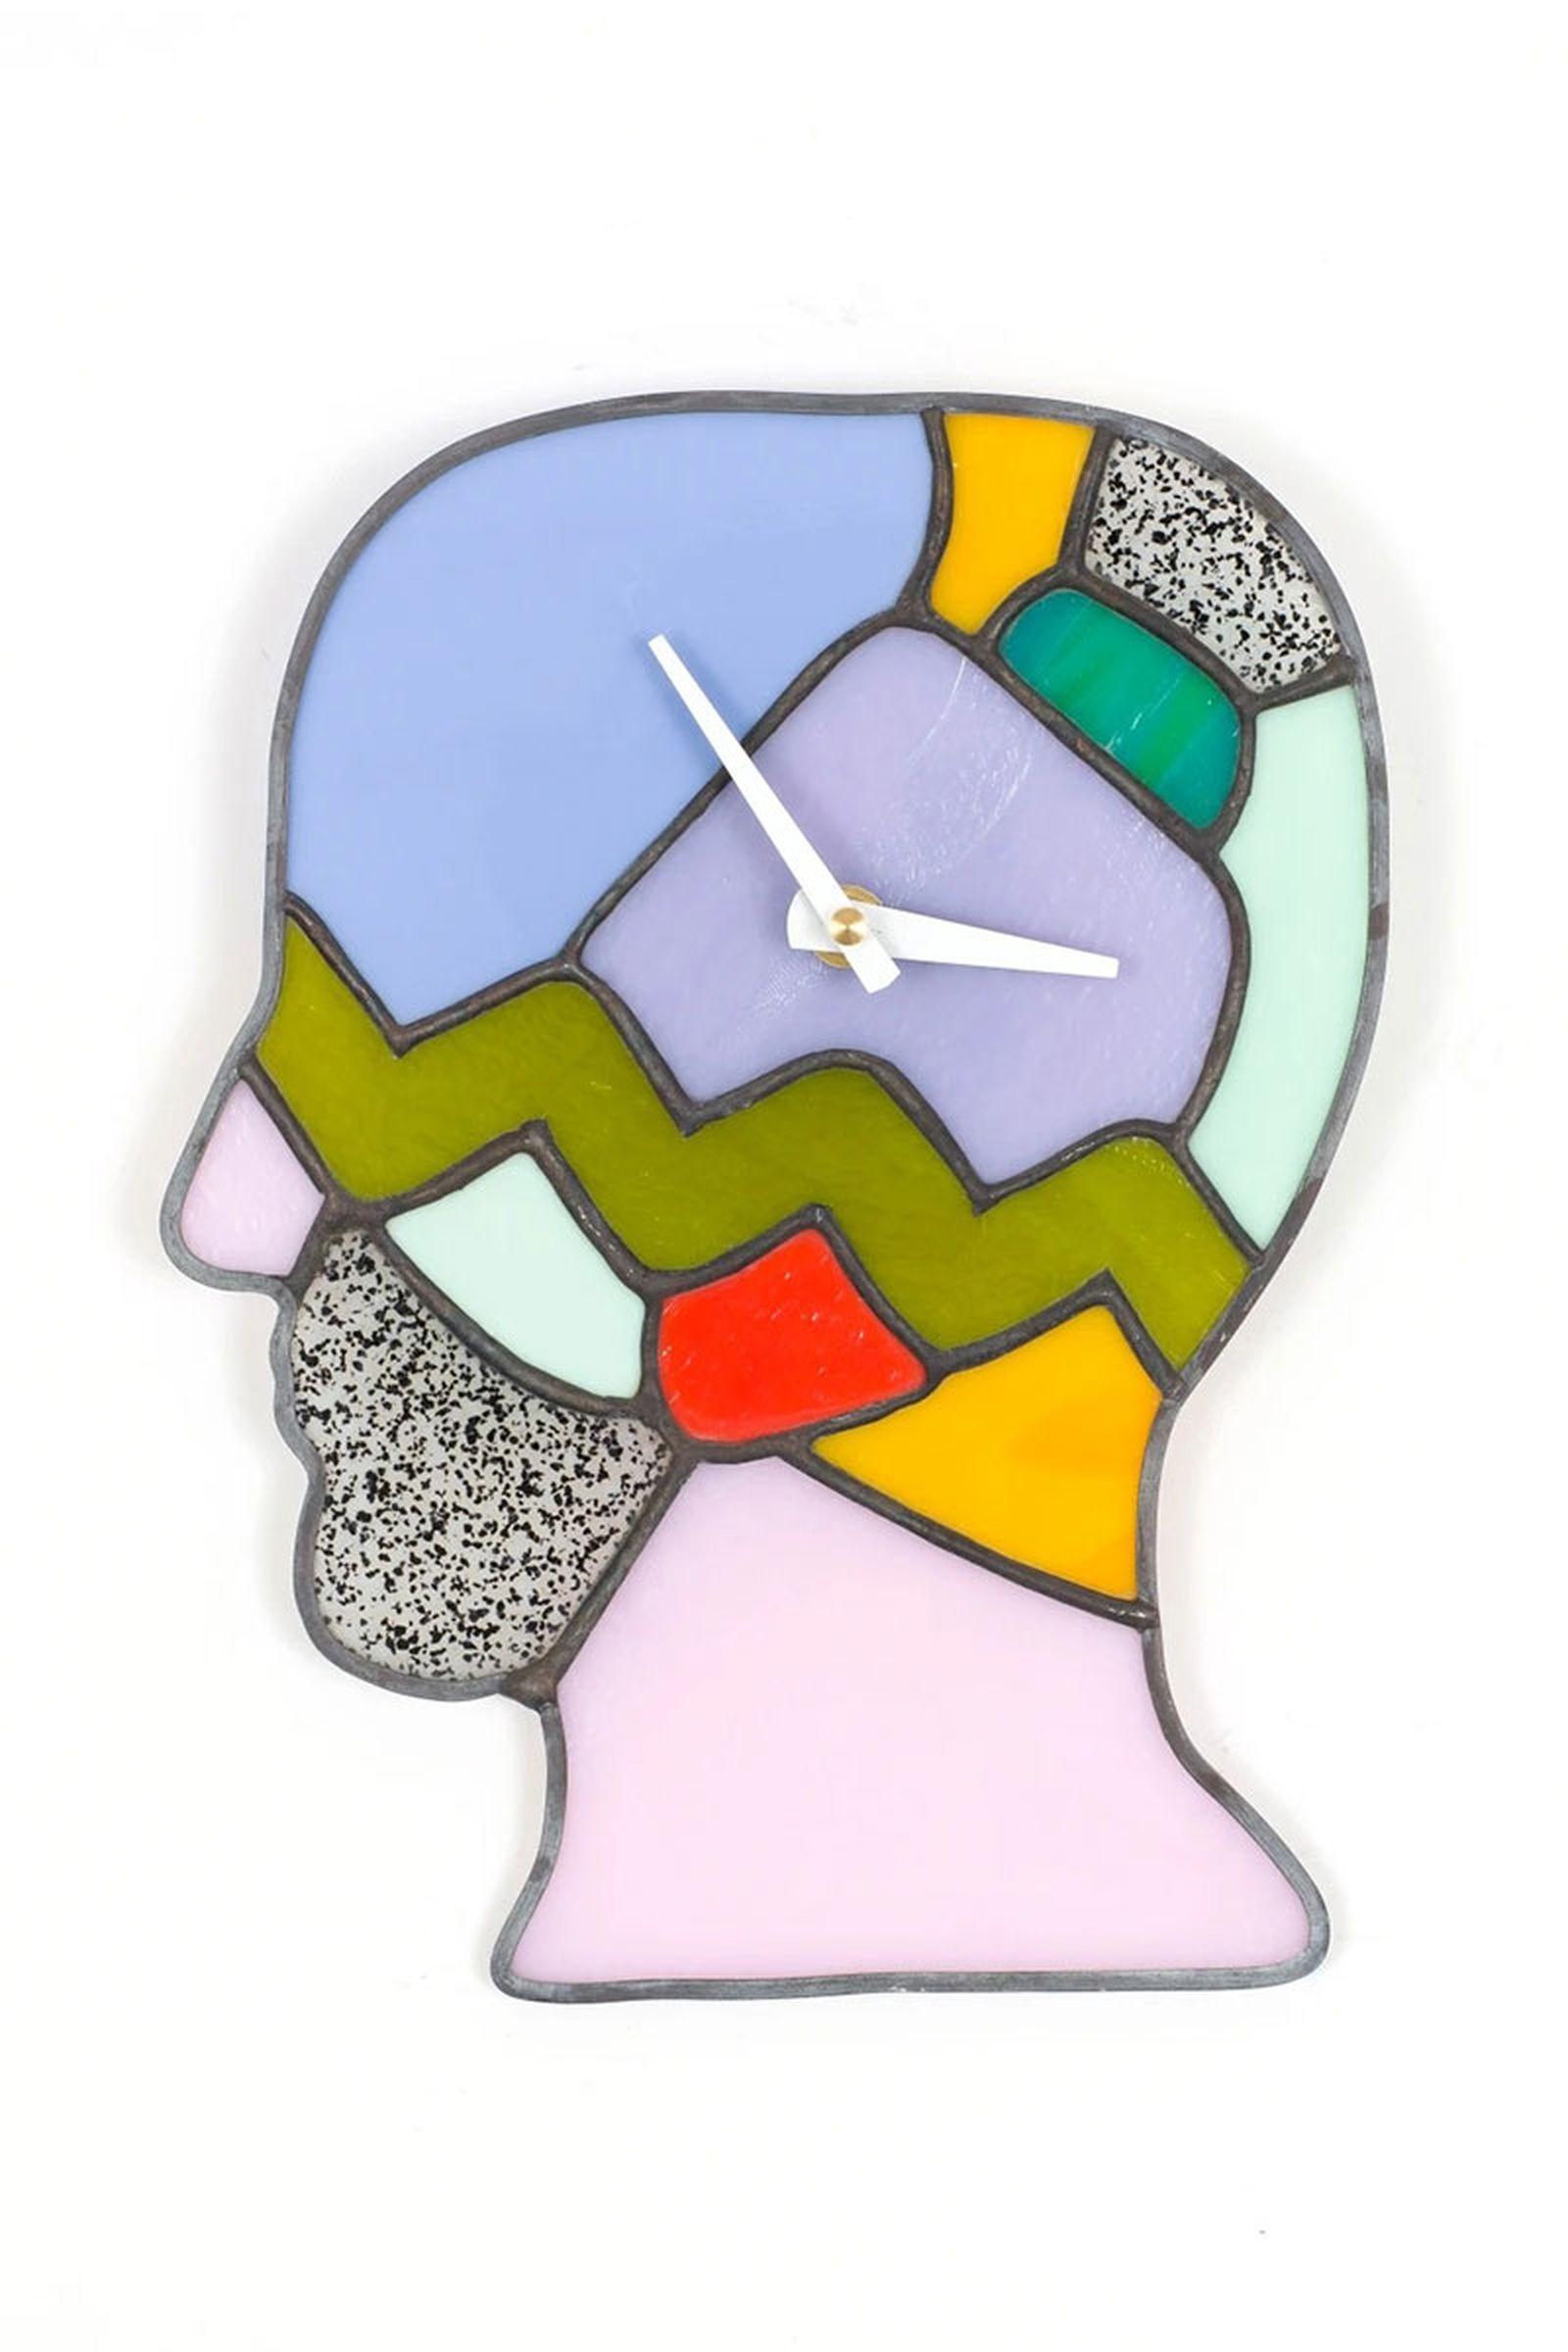 brain-dead-kerbi-urbanowski-stained-glass-clocks-(6)